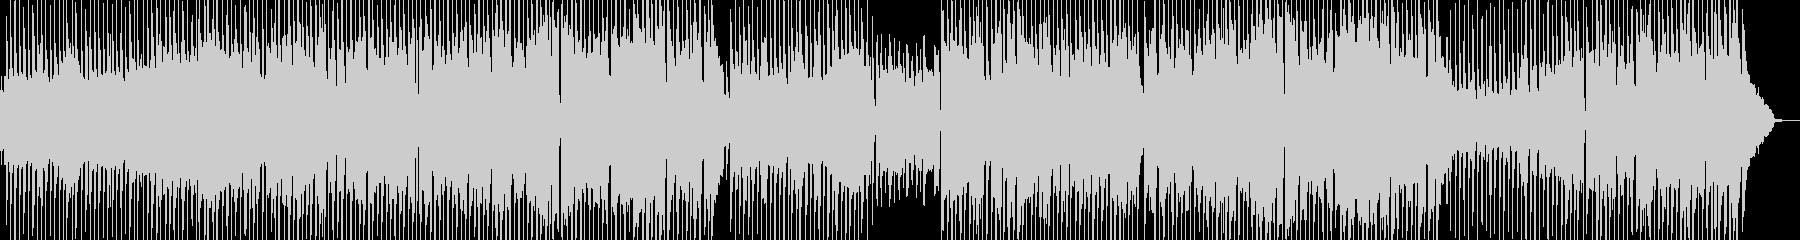 日常的過ぎるほのぼの打楽器ポップス 長尺の未再生の波形